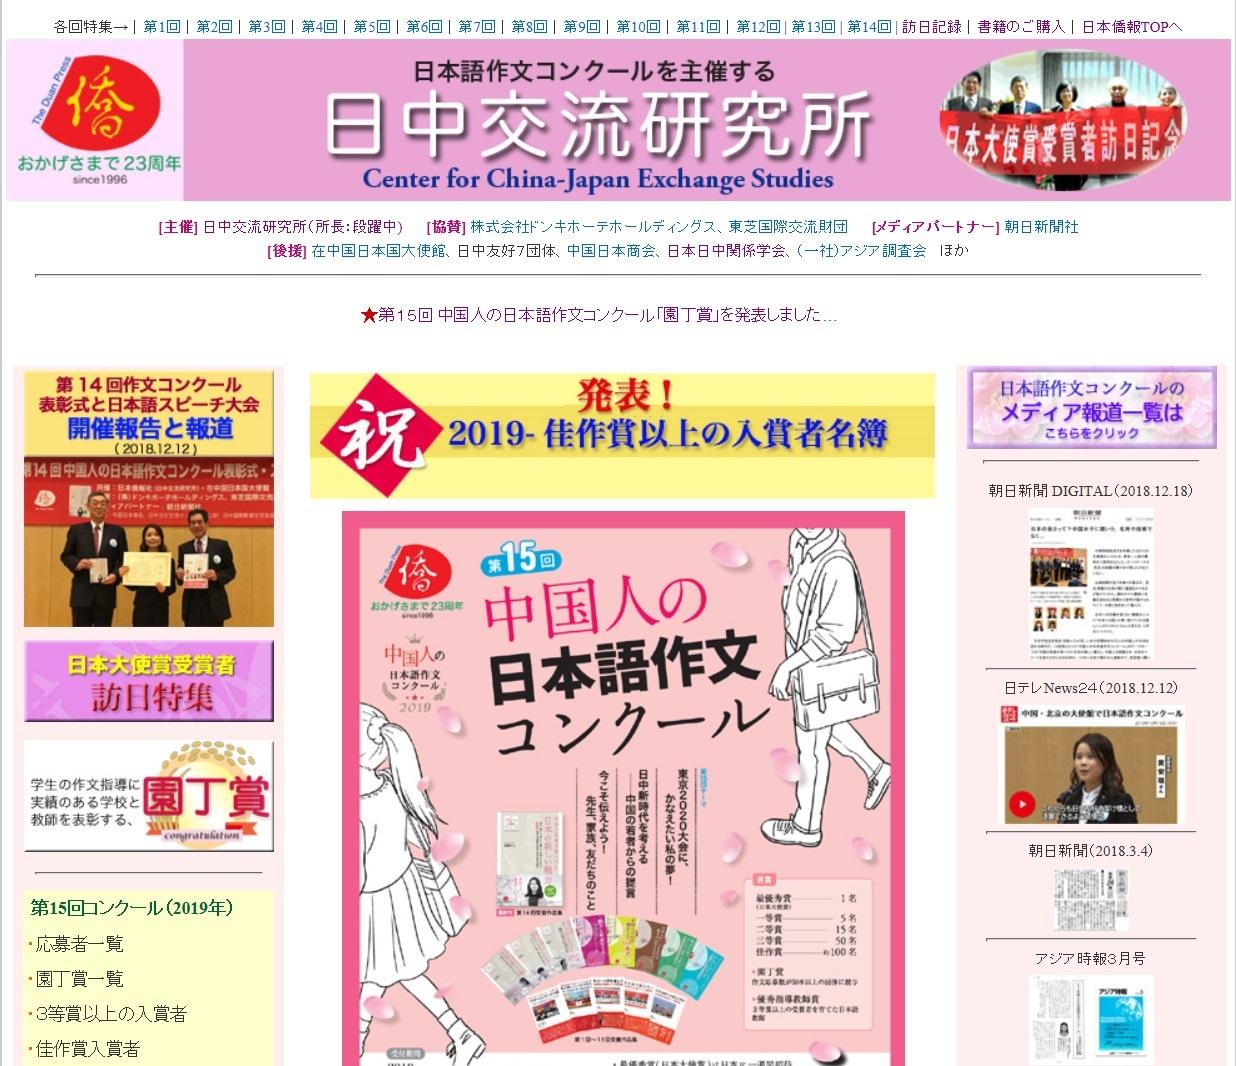 日本僑報電子週刊第1386号を配信、第15回「中国人の日本語作文コンクール」佳作賞以上の310人を発表!_d0027795_14462444.jpg